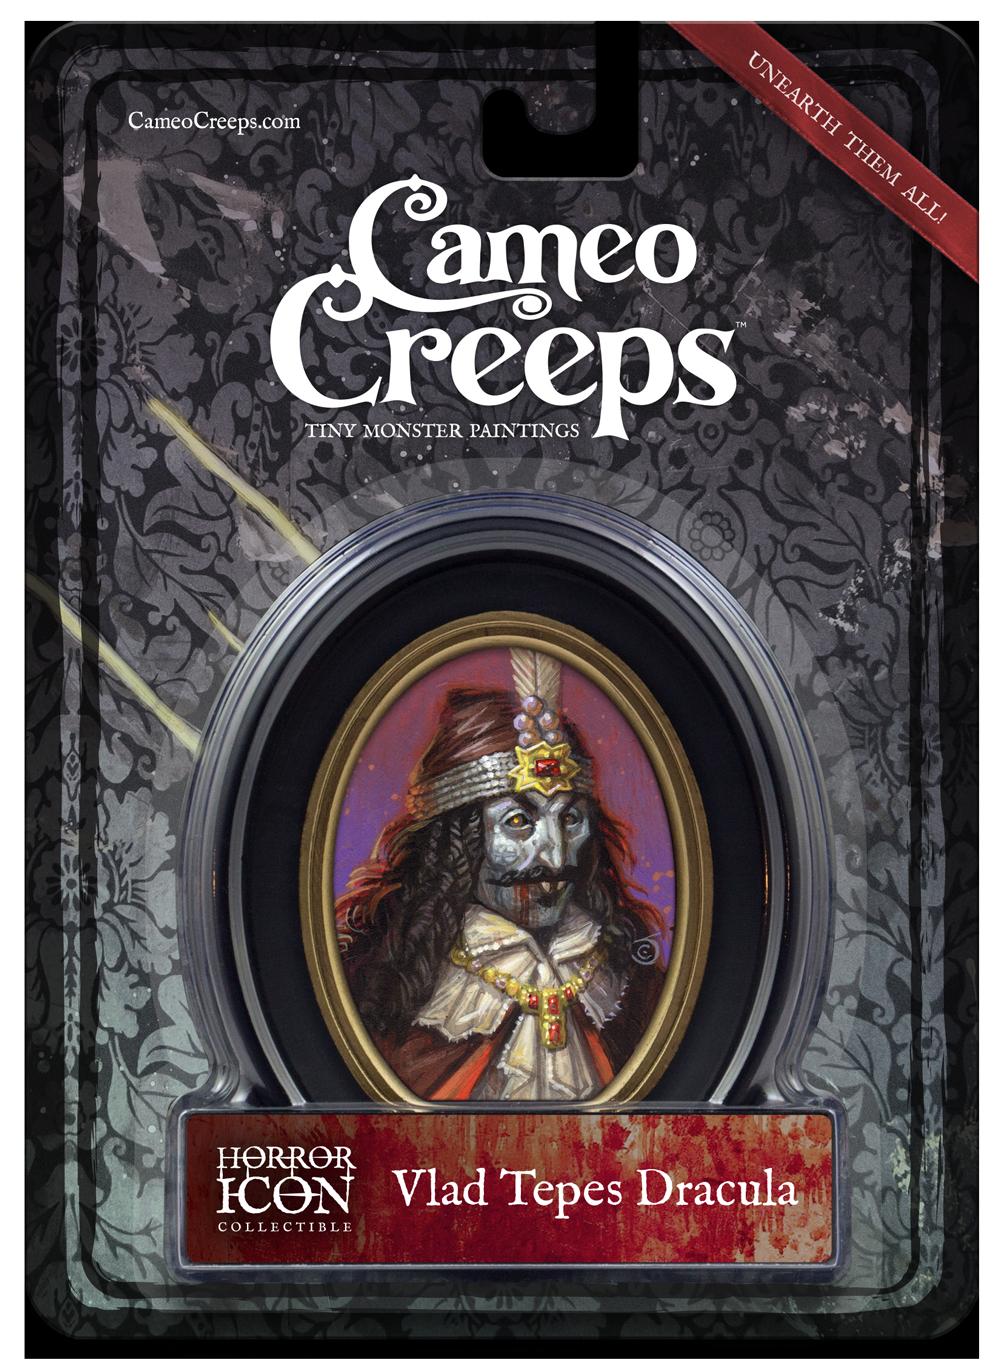 Cameo-Creeps-Vlad-Tepes-Dracula-Packaging.png